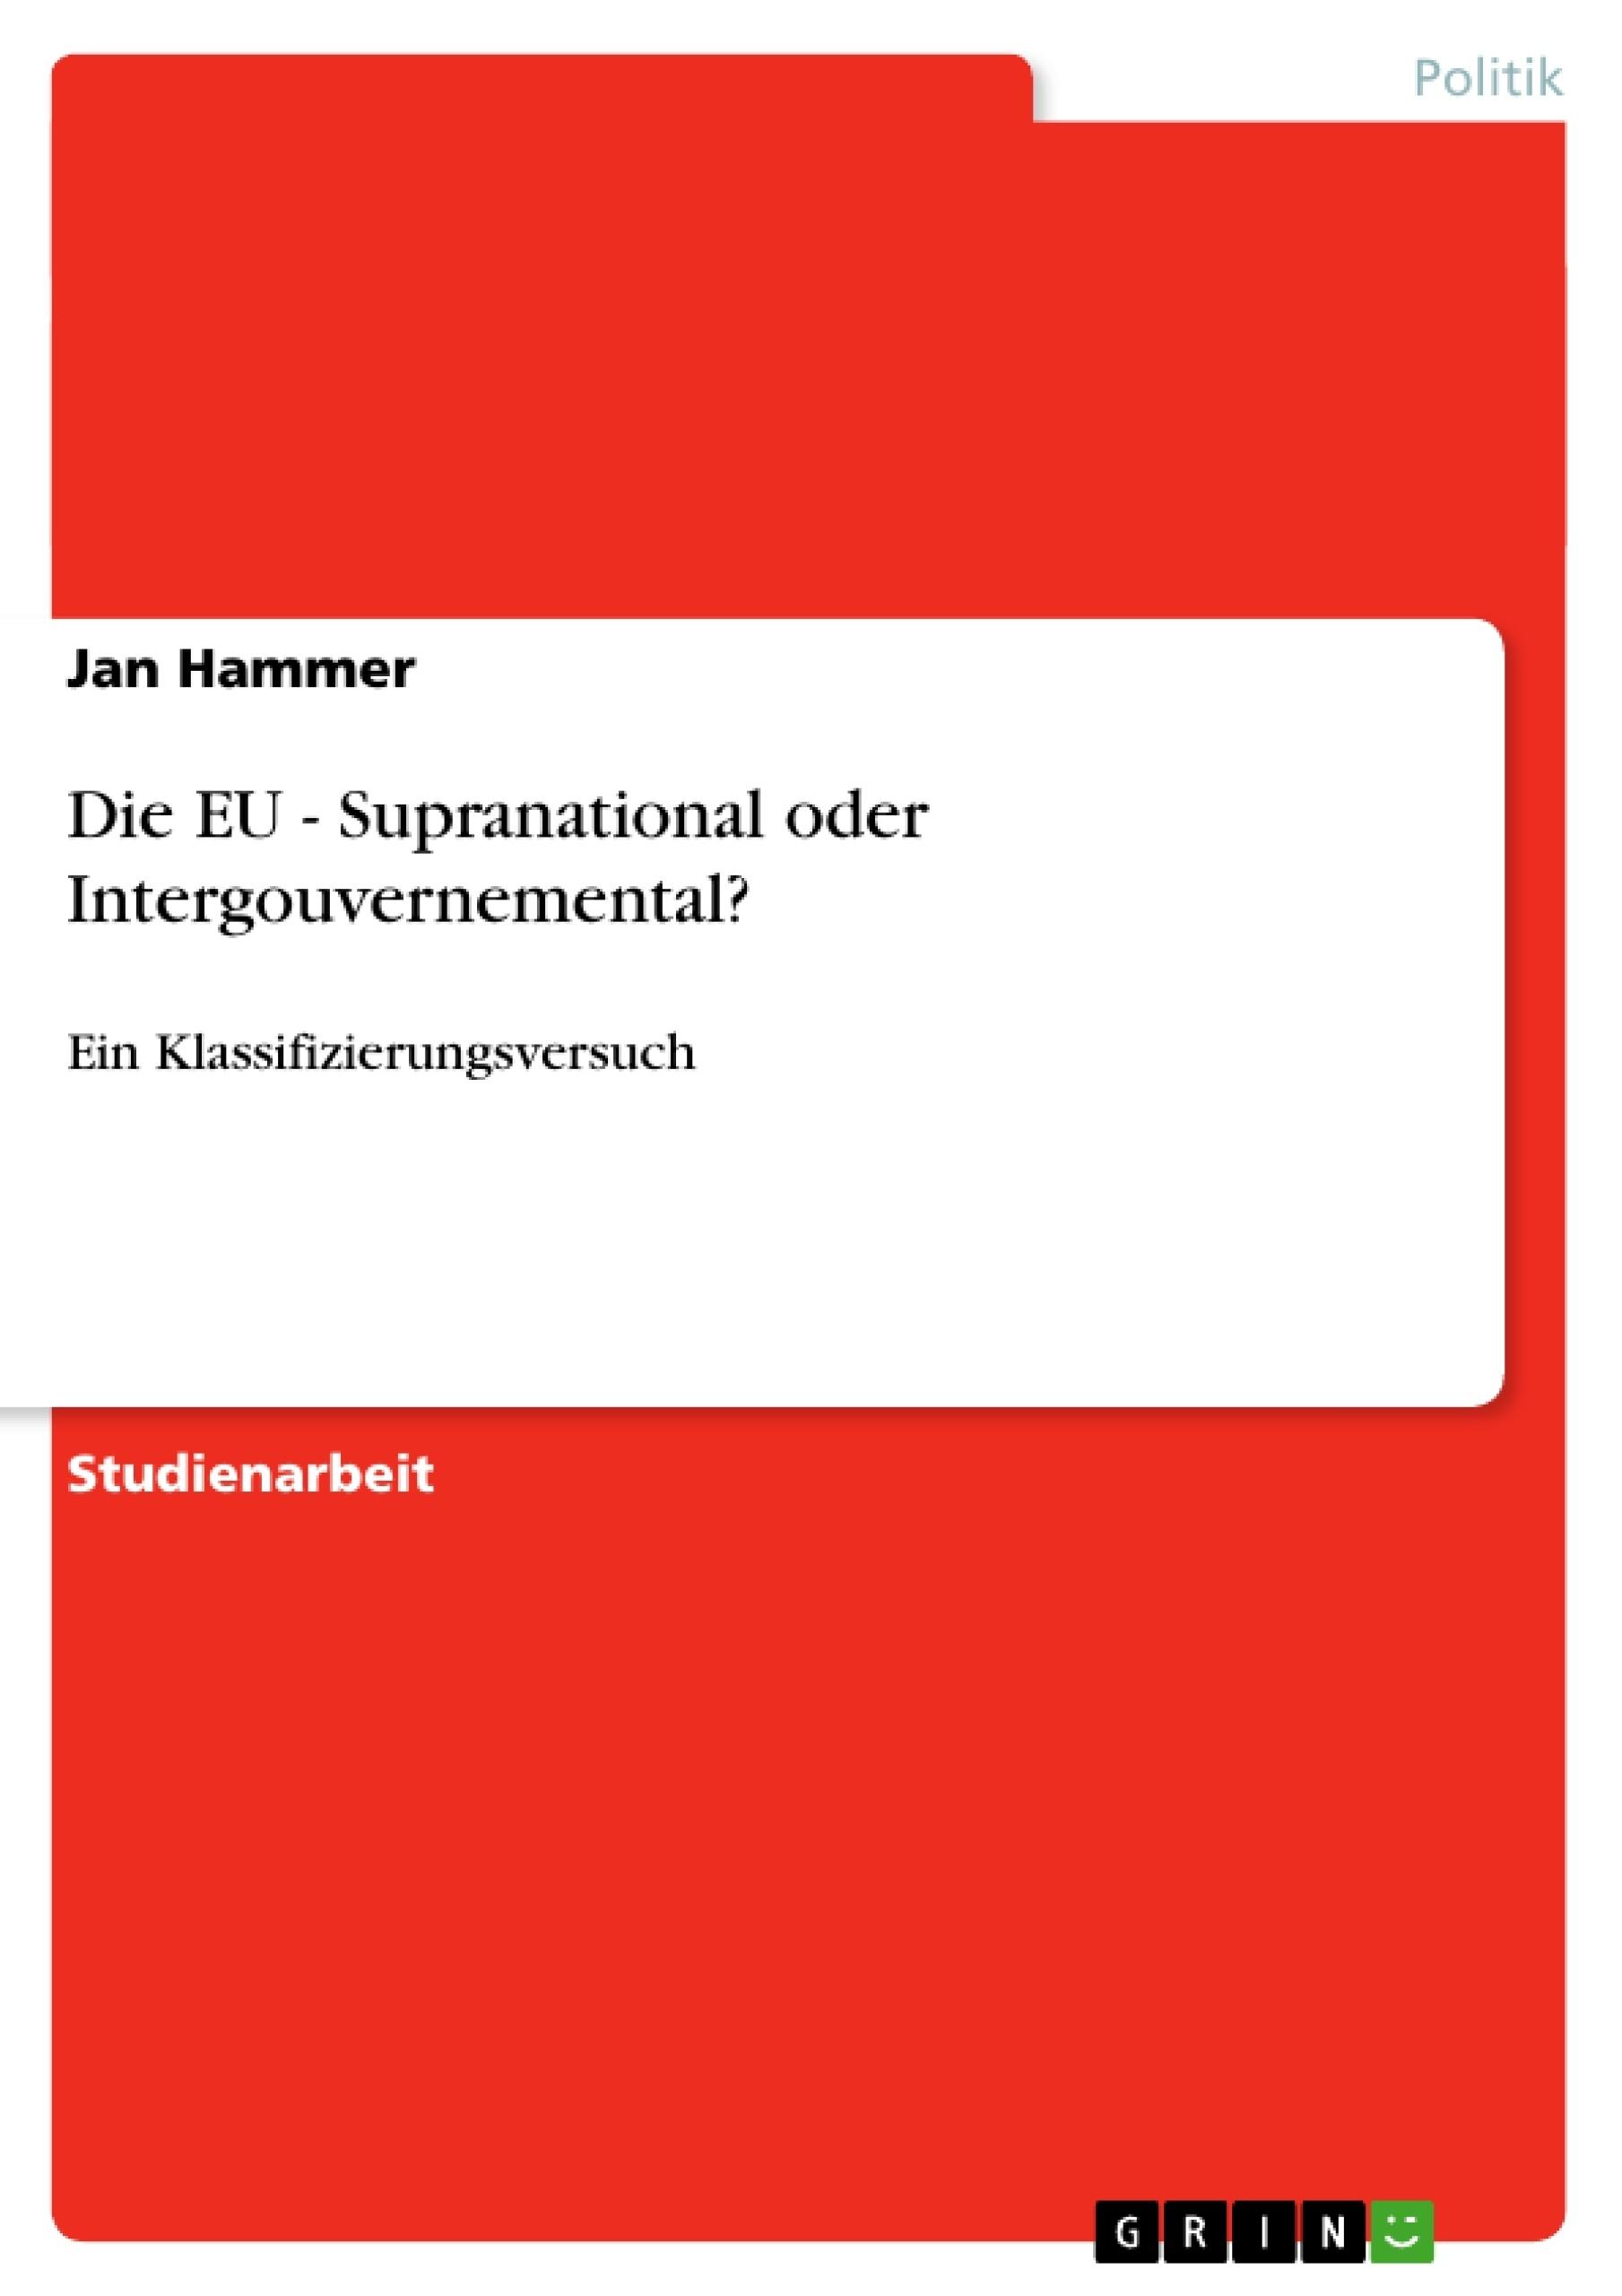 Titel: Die EU - Supranational oder Intergouvernemental?